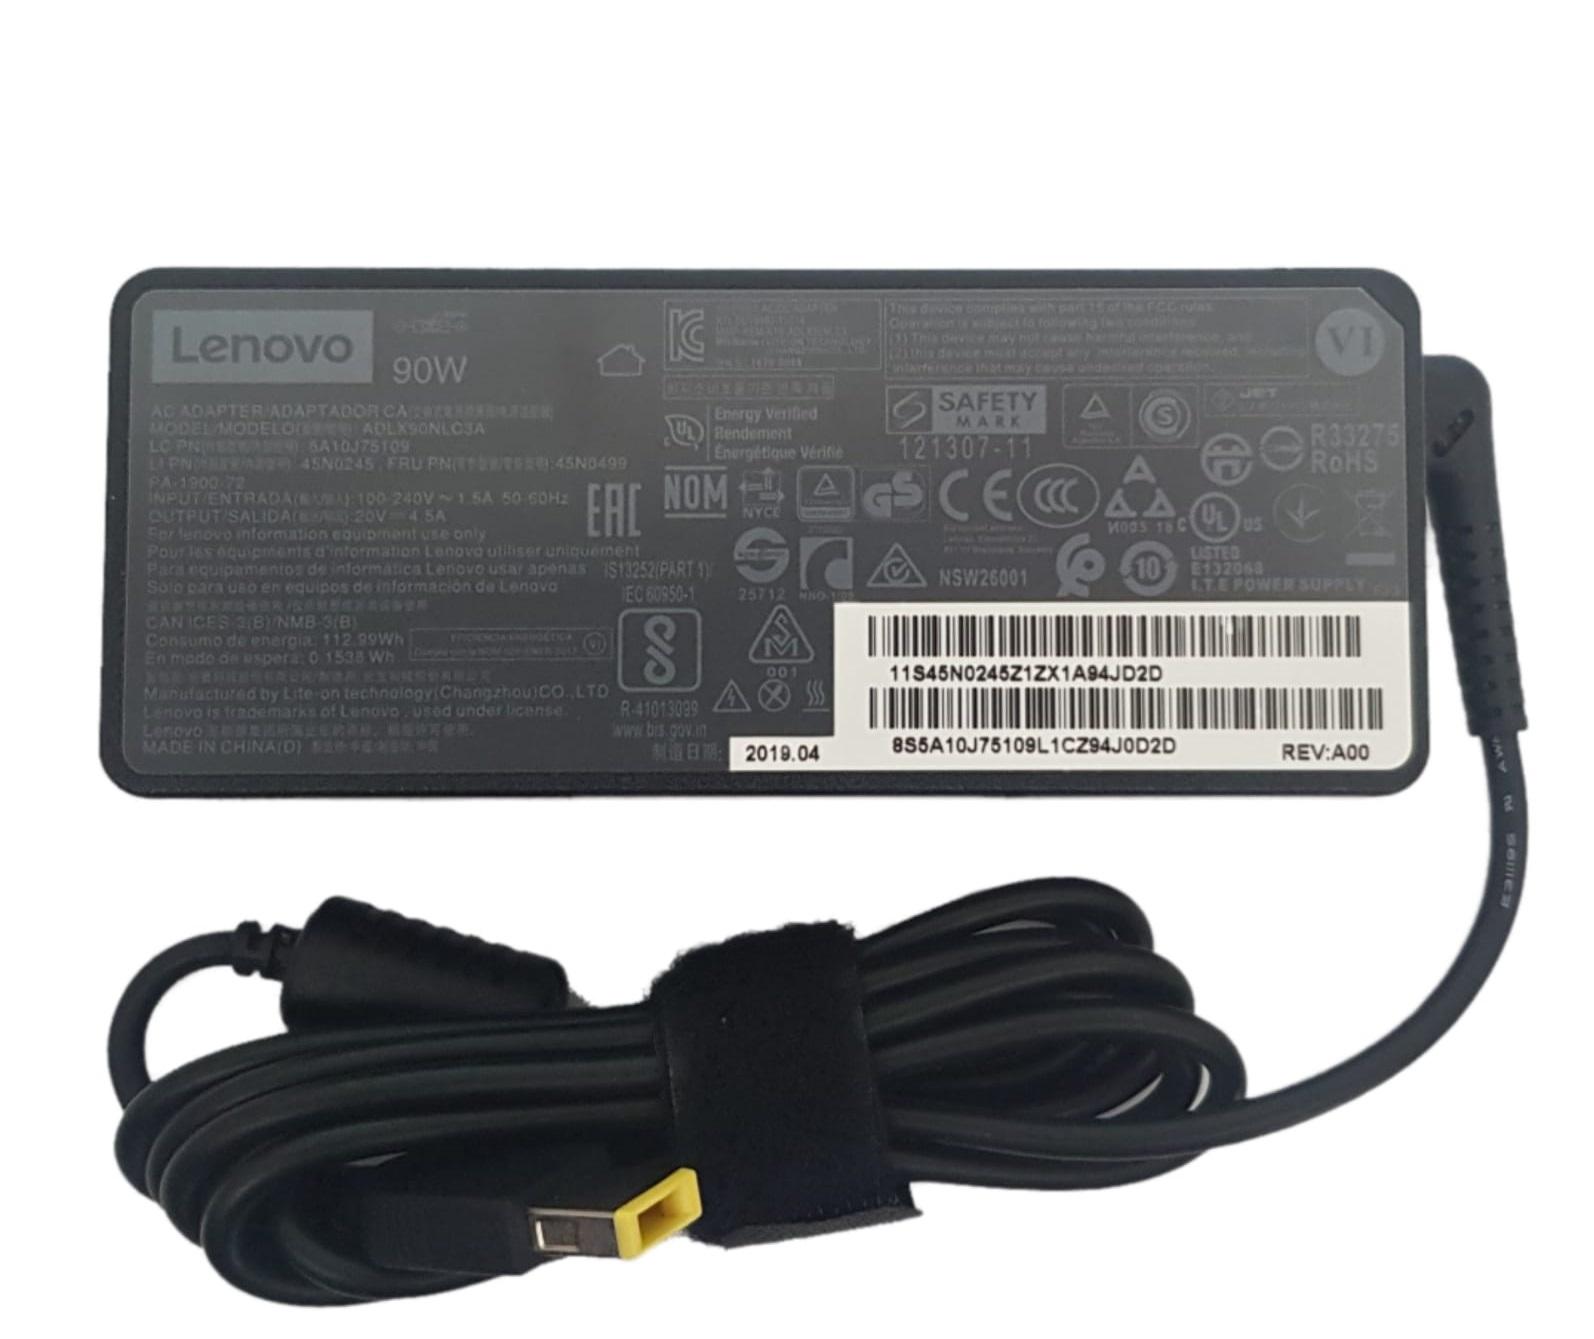 מטען למחשב לנובו Lenovo G505